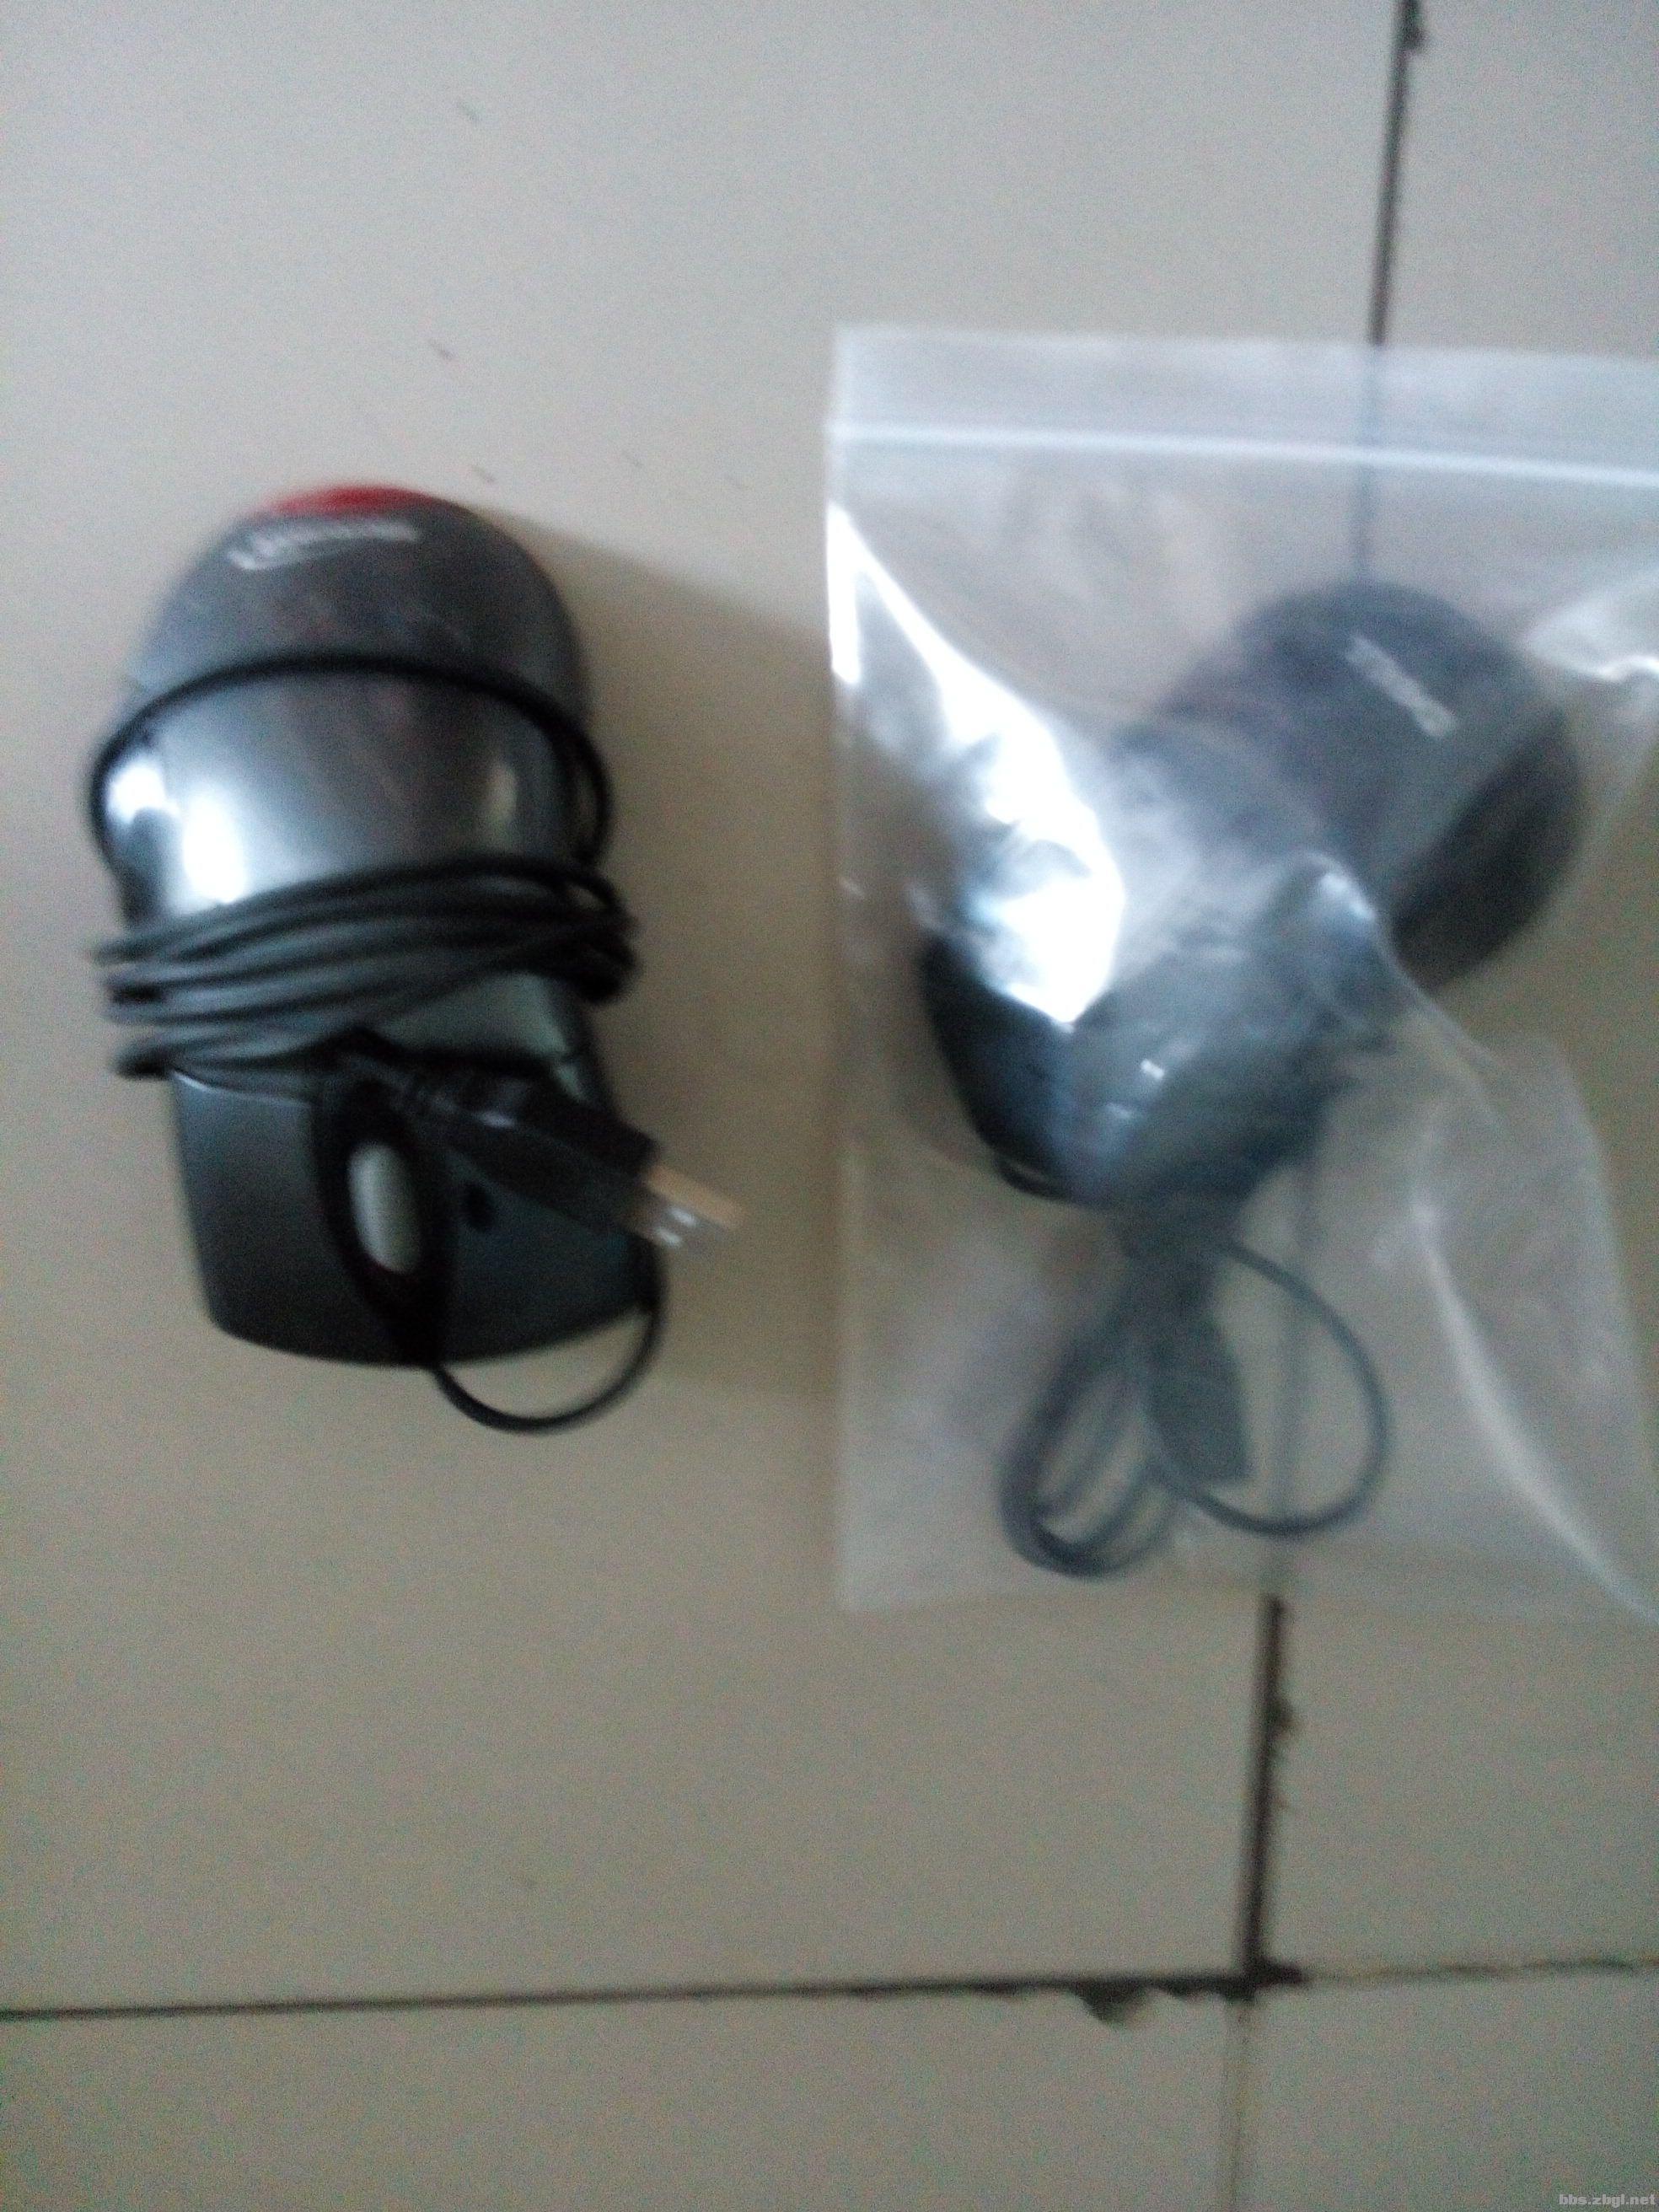 水壶台灯无线路由器升降转椅加湿器砂锅电水壶等日